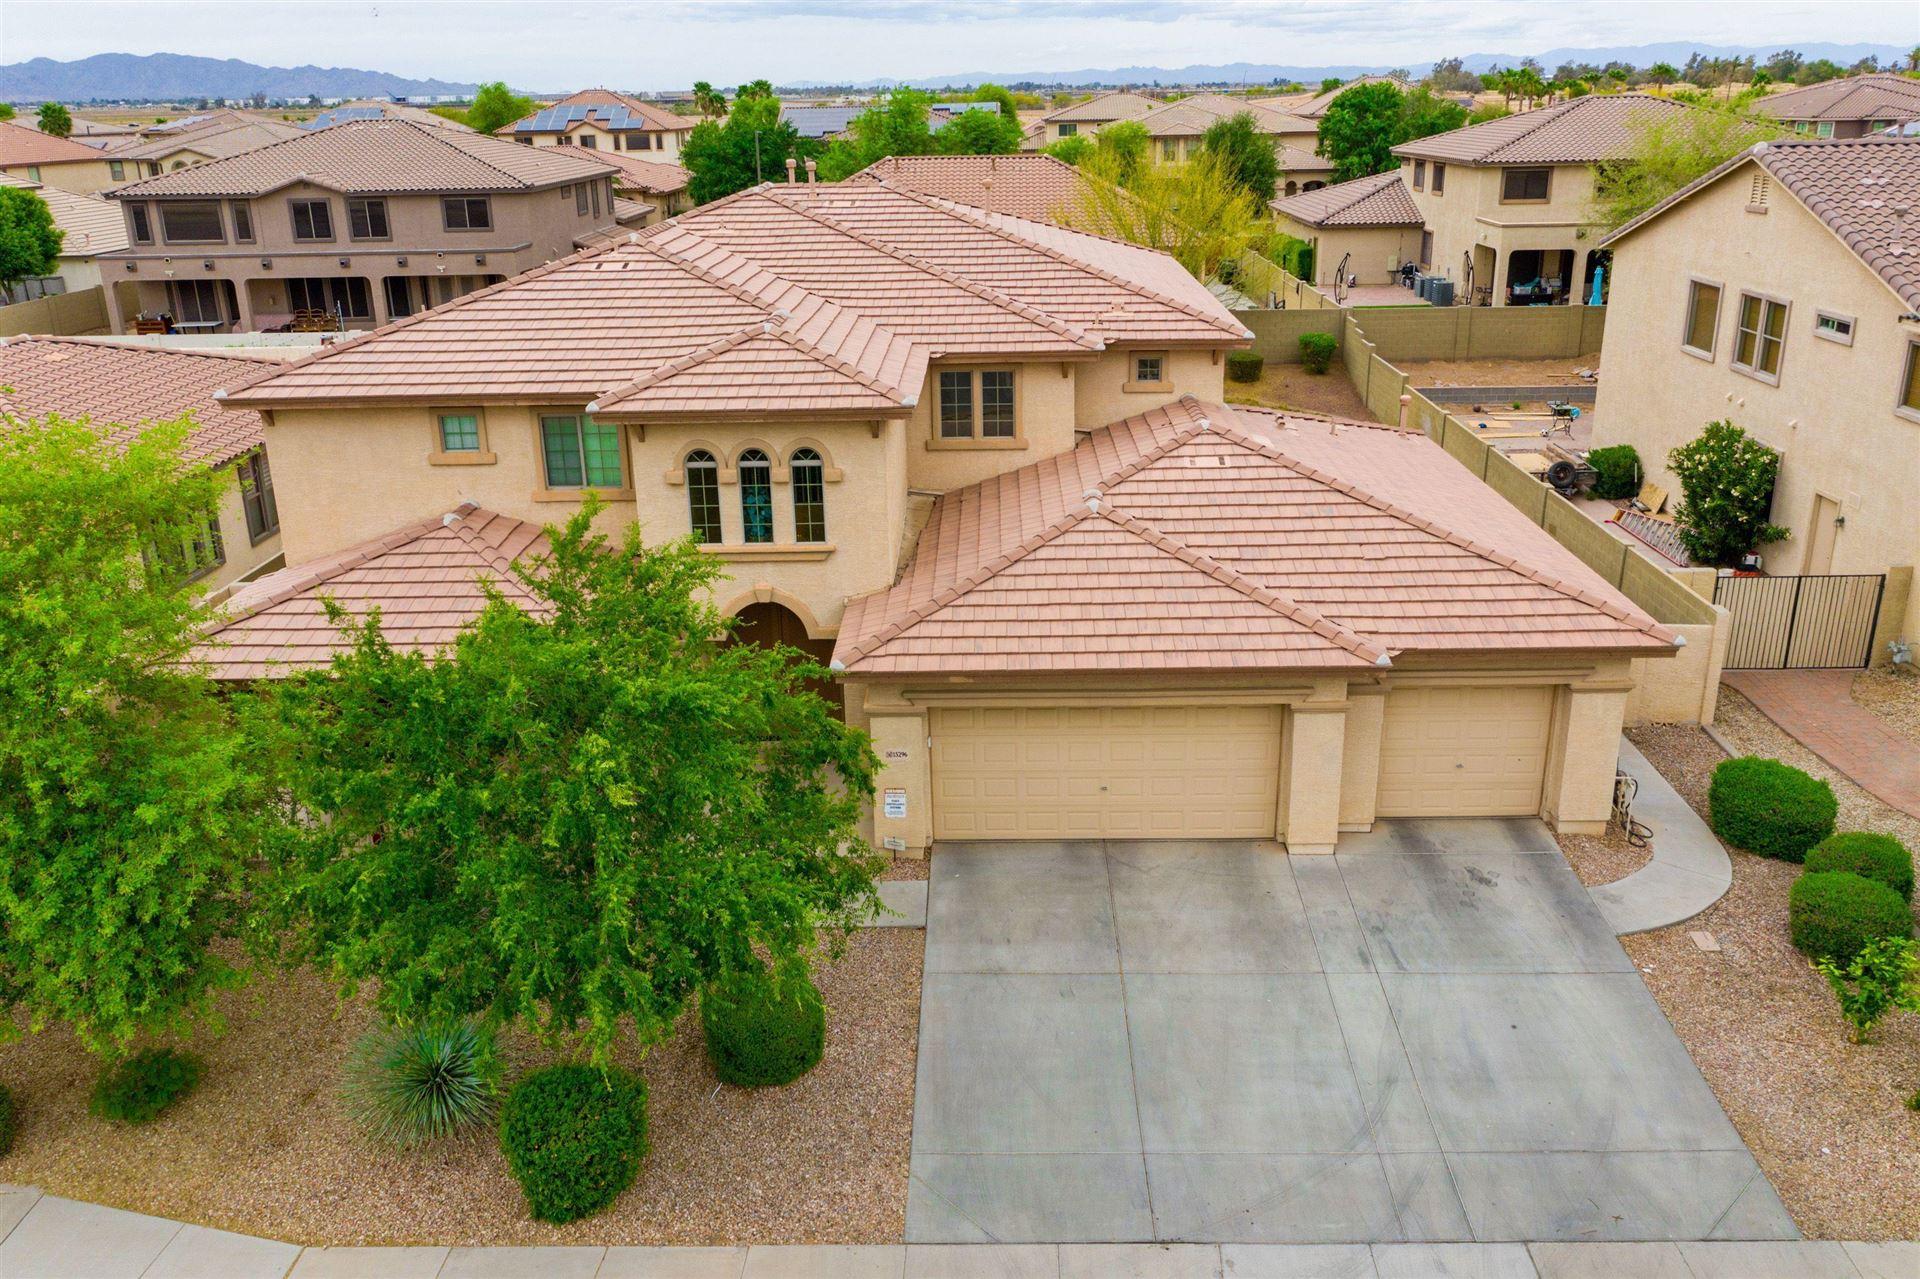 15296 W COOLIDGE Street, Goodyear, AZ 85395 - MLS#: 6233745